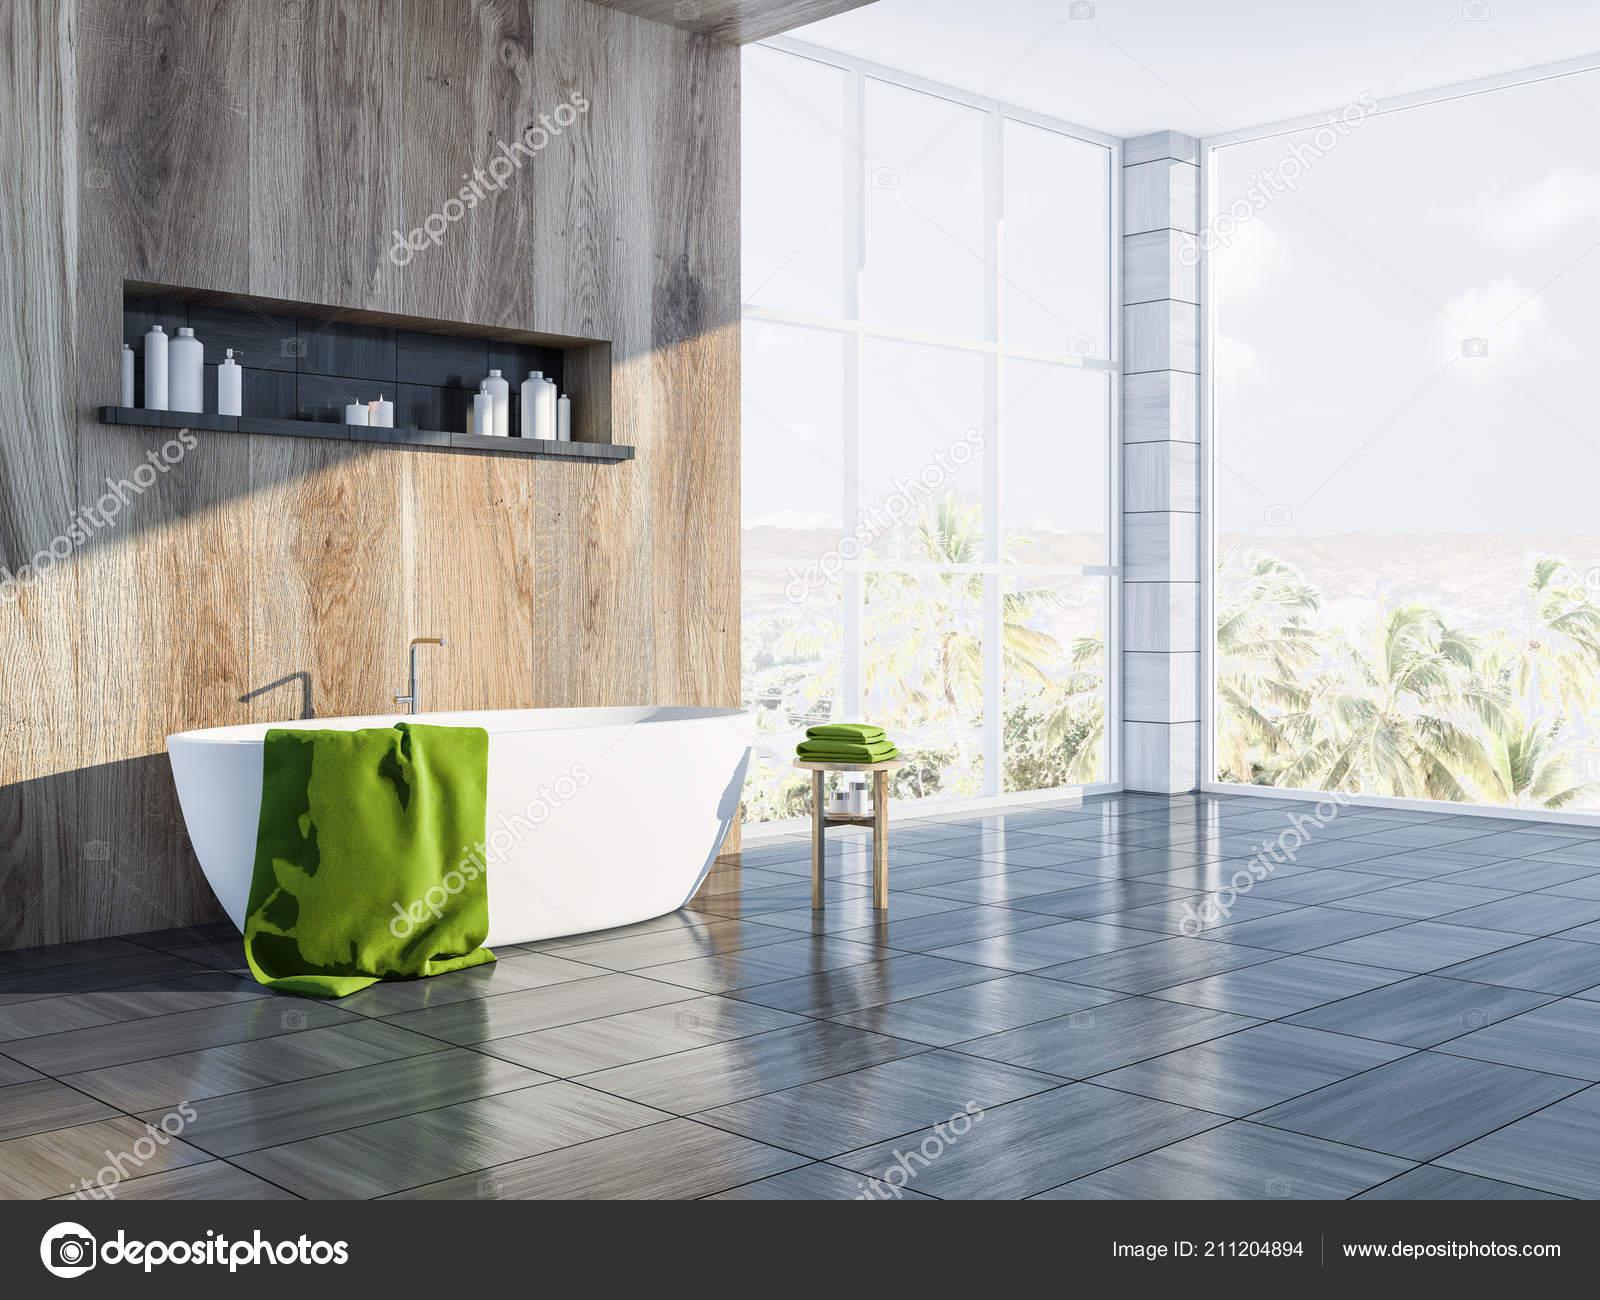 Moderno grigio legno piastrella parete bagno angolo con pavimento